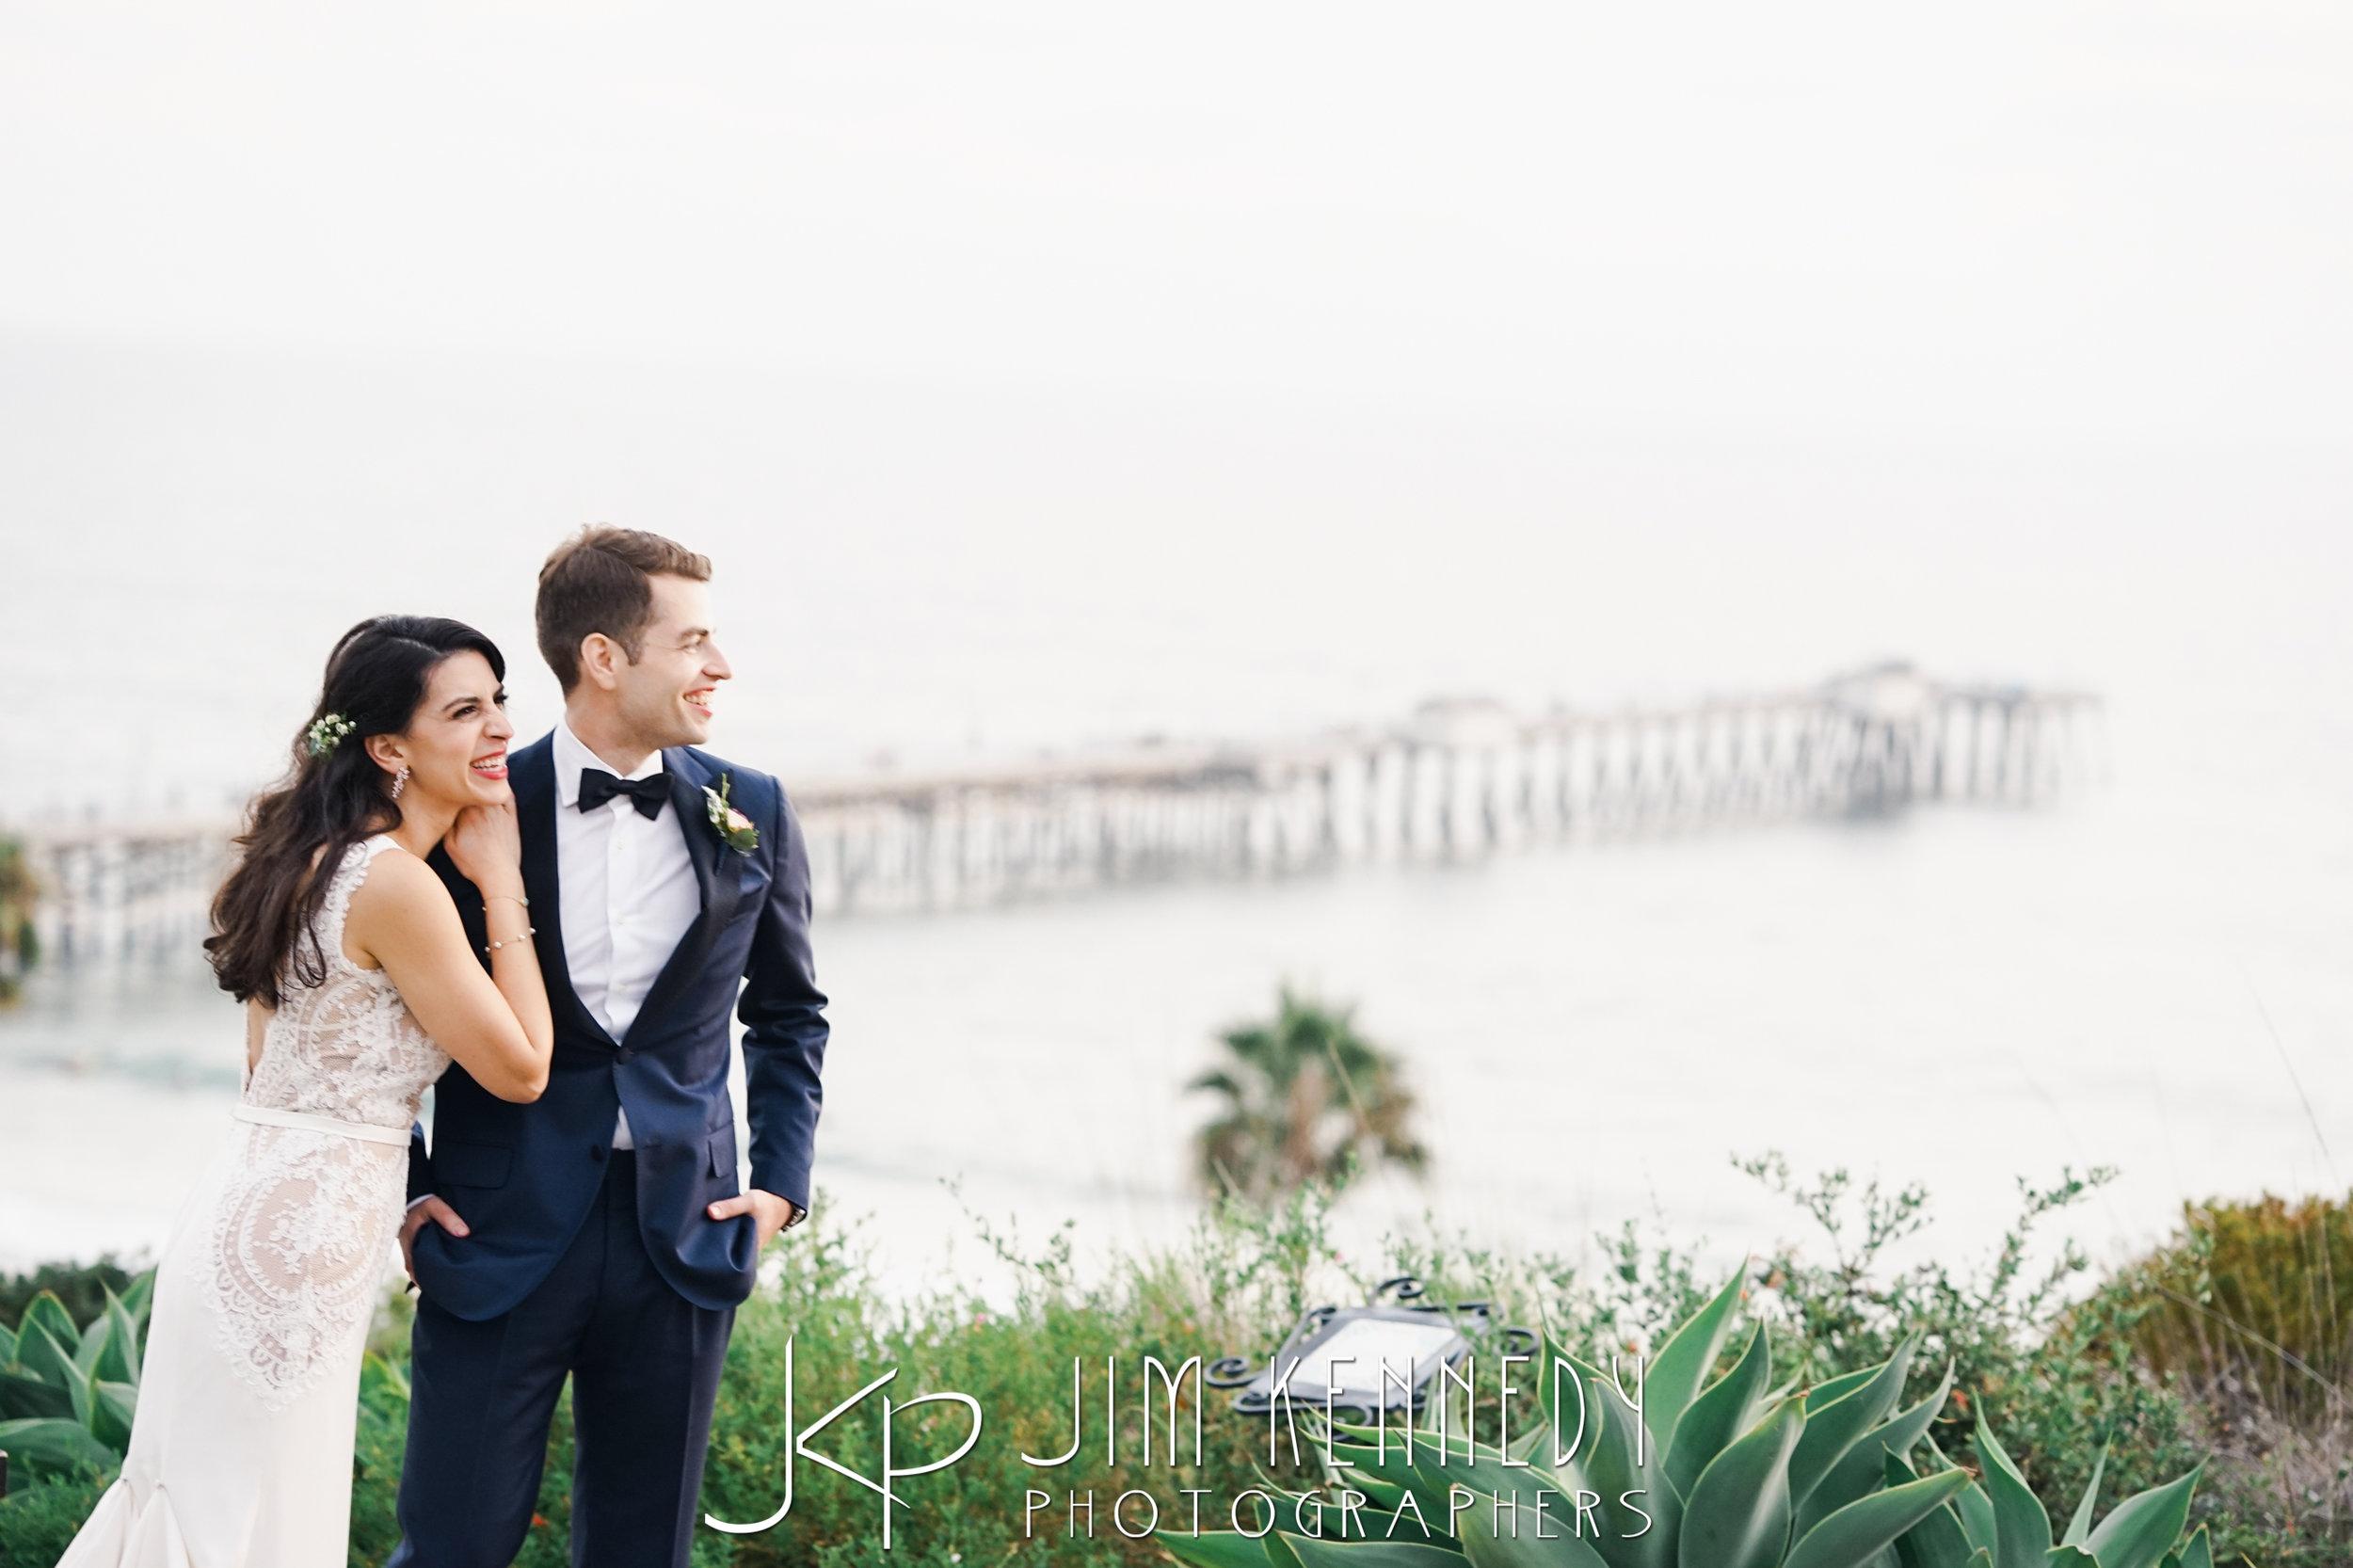 casa_romantica_wedding_marissa_0215.JPG